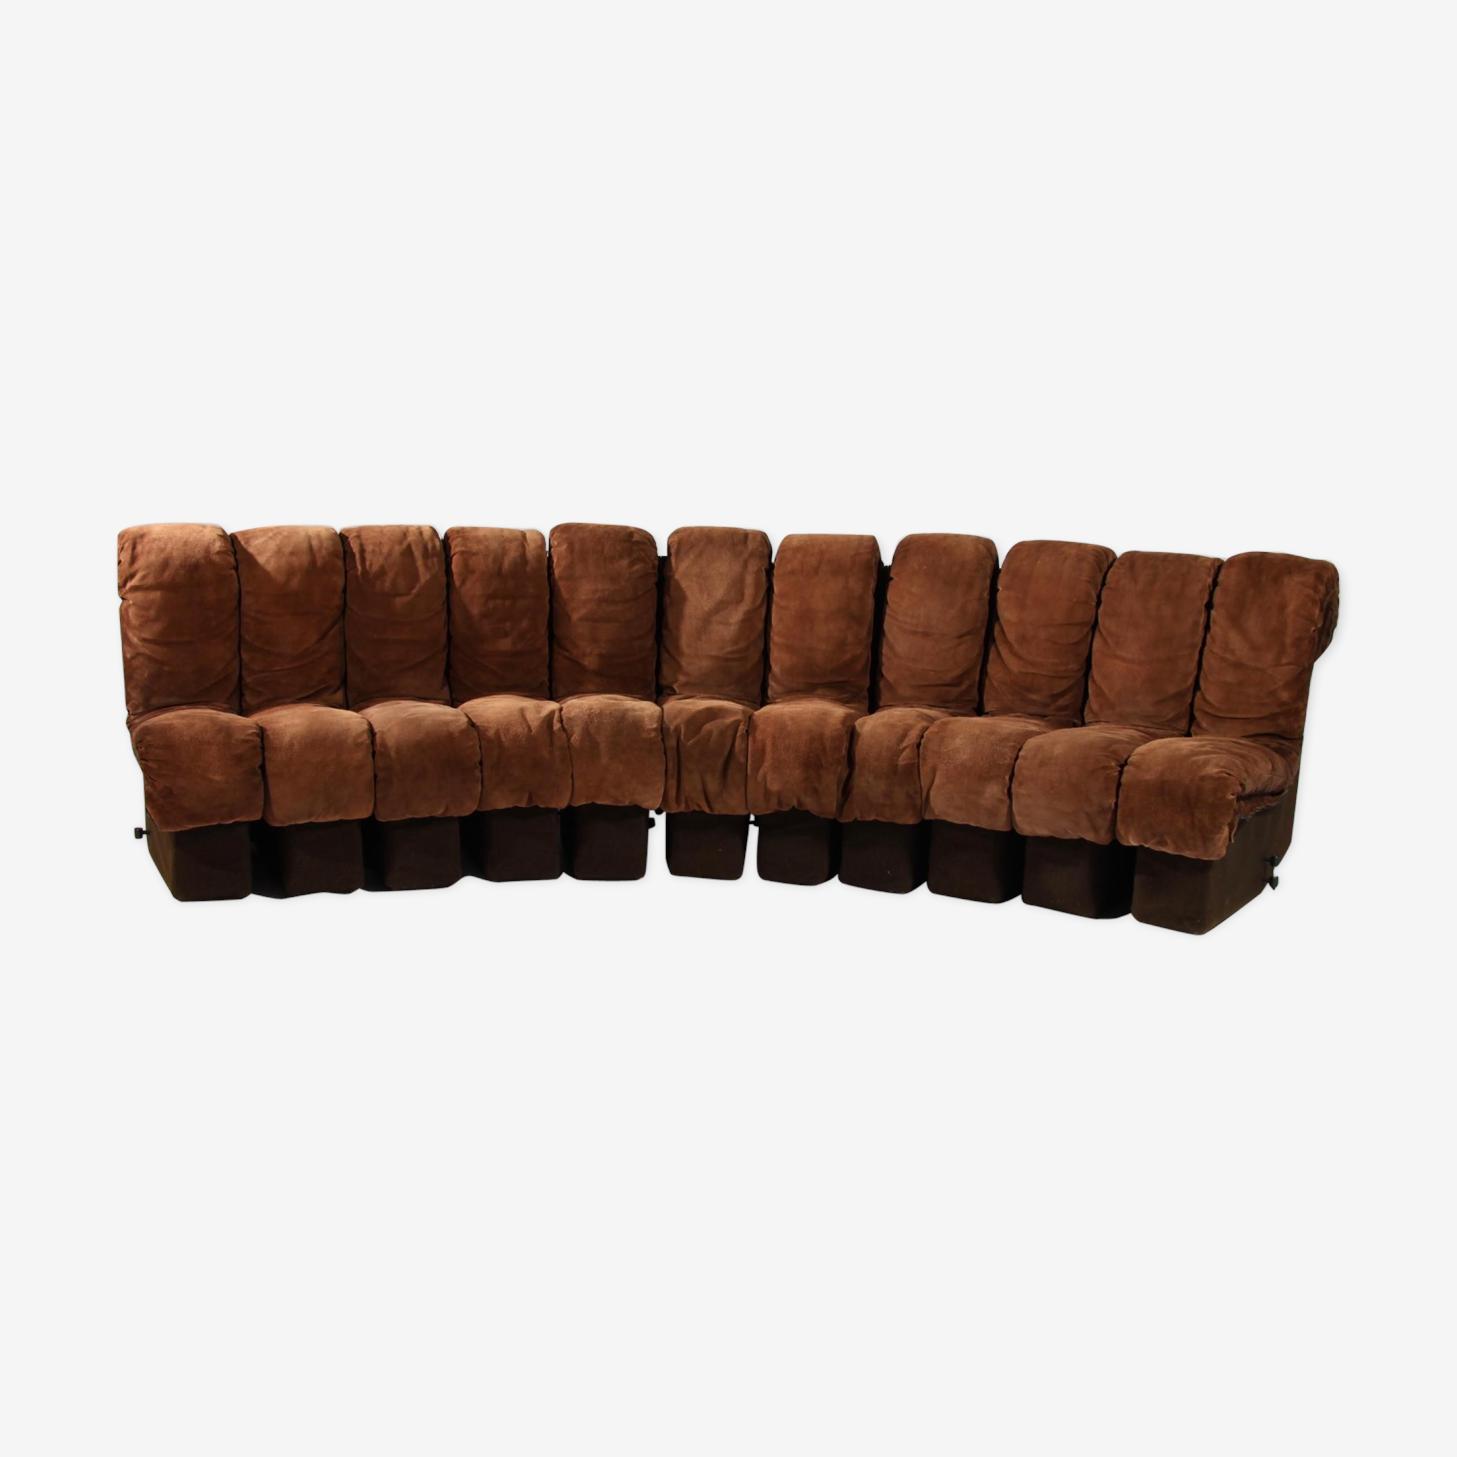 """Canapé modulaire """"DS 600 Non Stop"""" en cuir marron par Berger Ulrich et Vogt pour De Sede 1970s"""